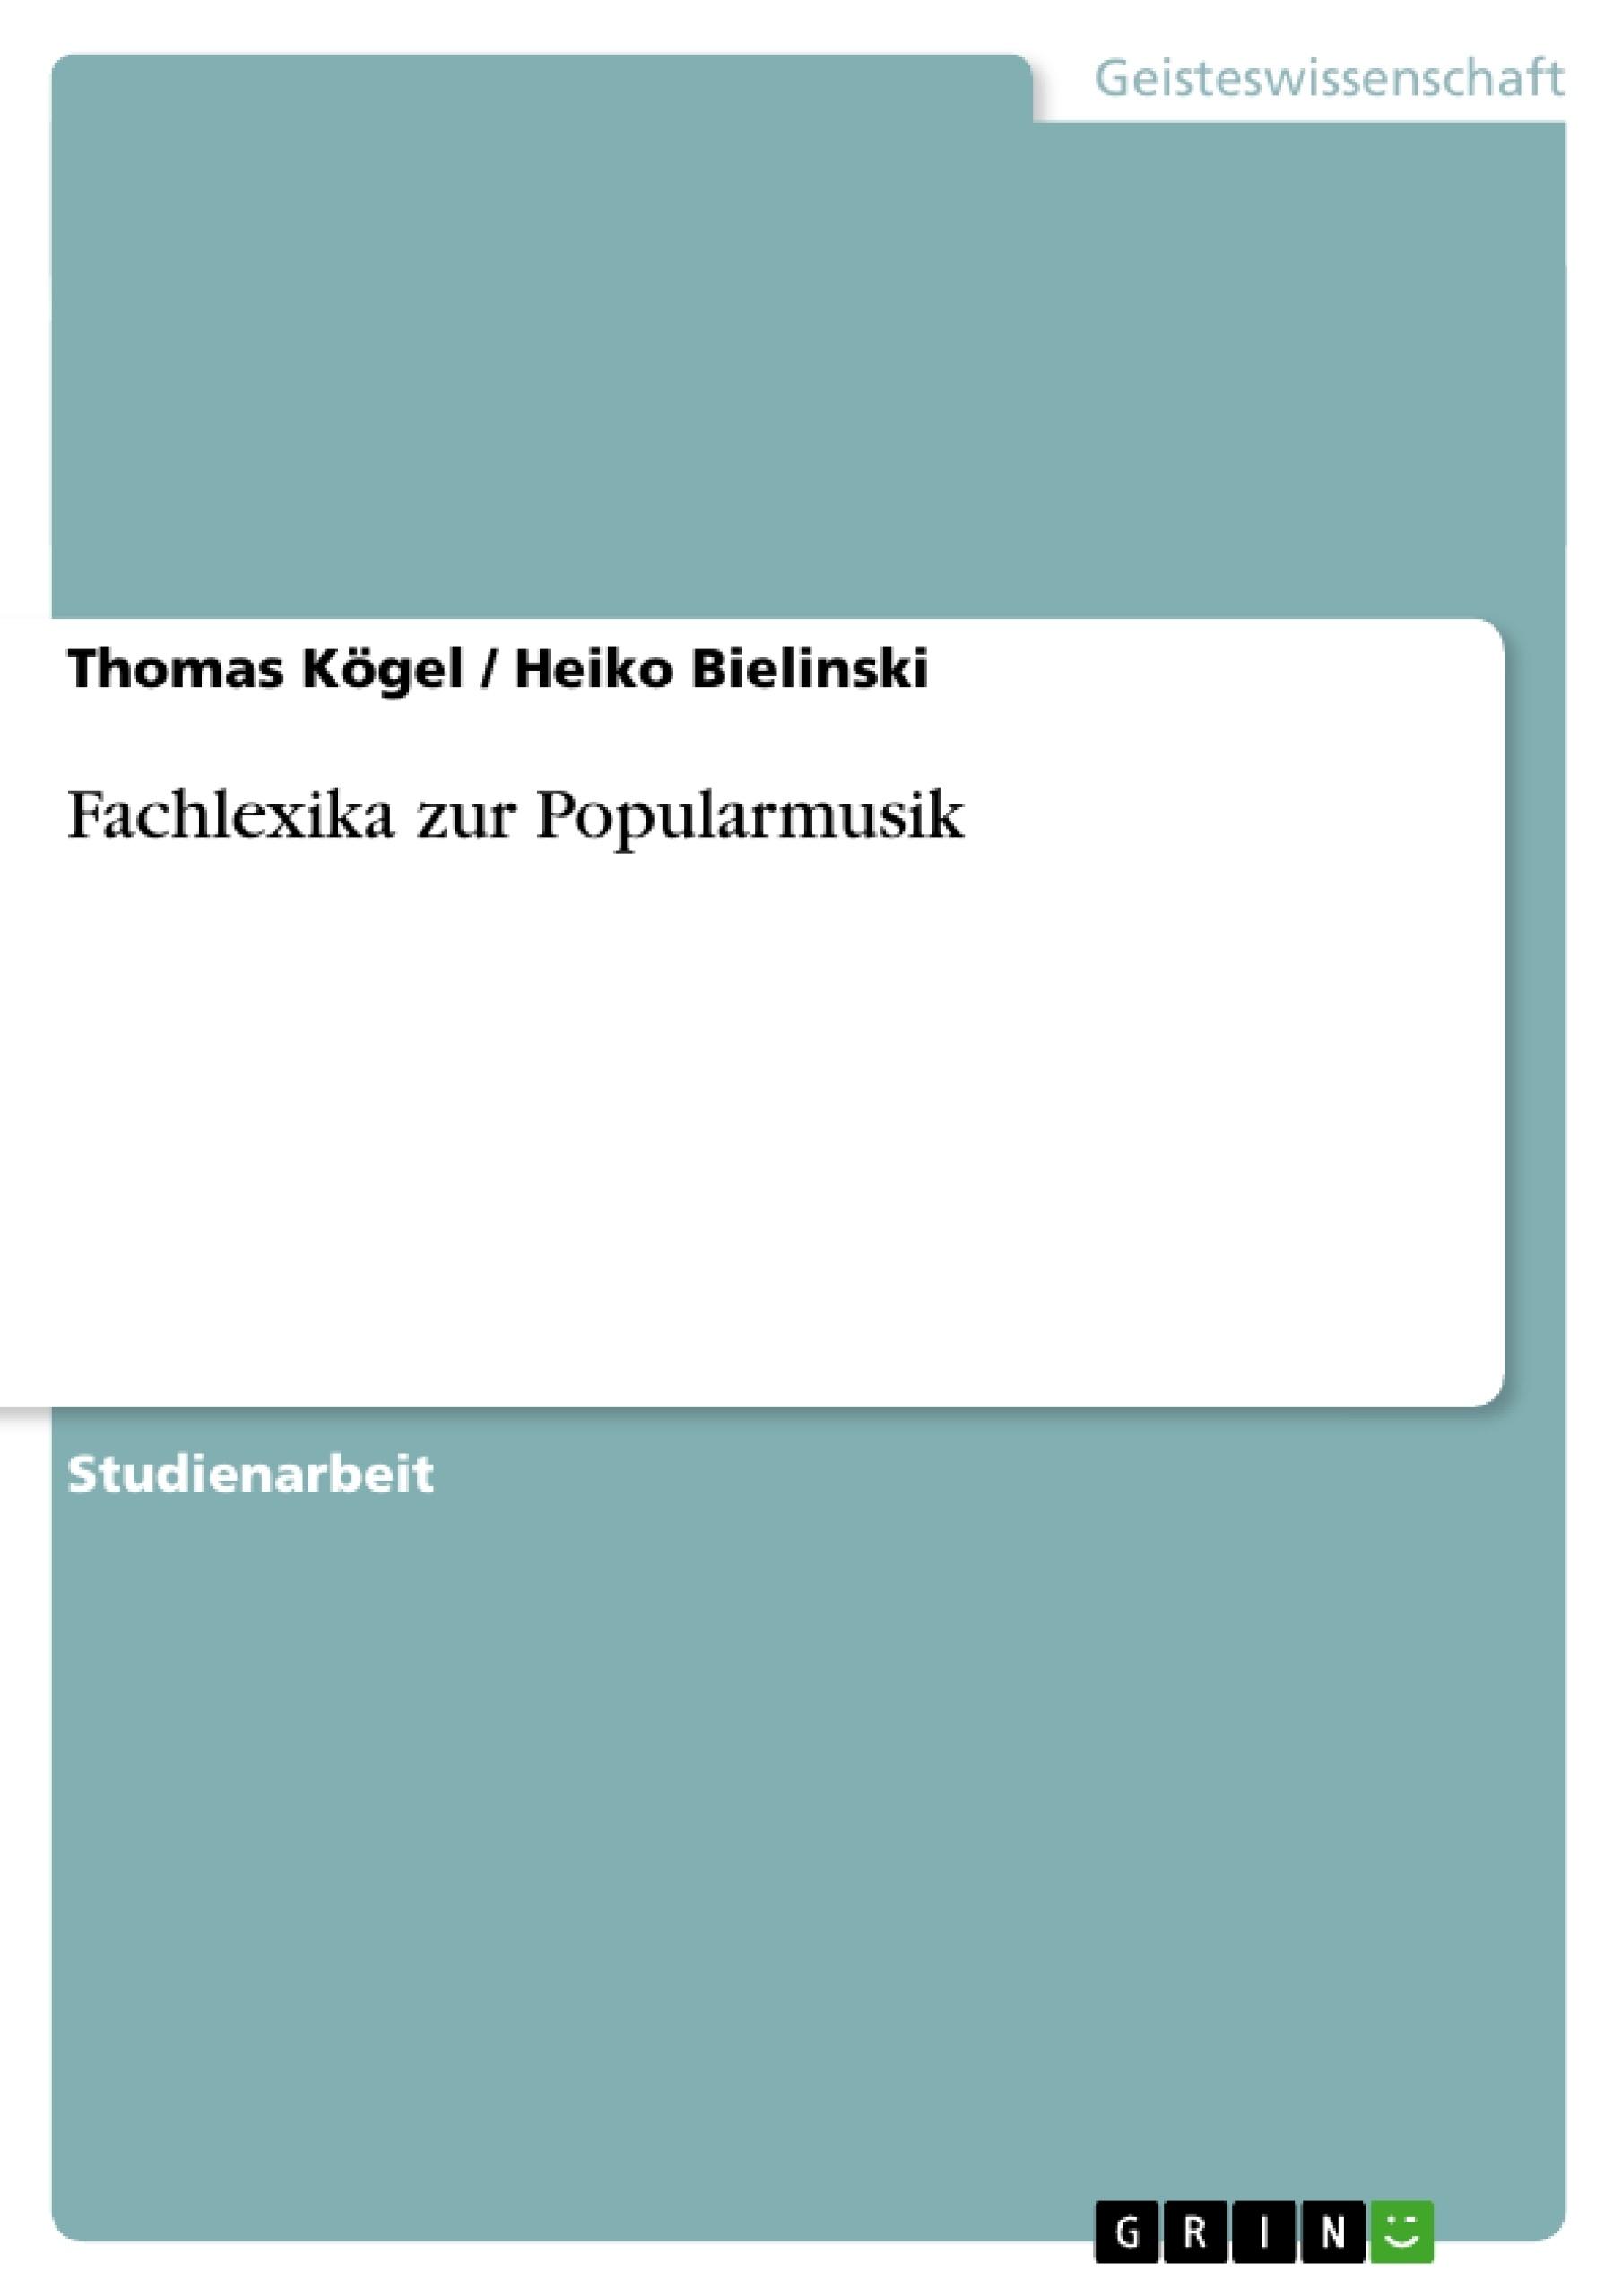 Titel: Fachlexika zur Popularmusik